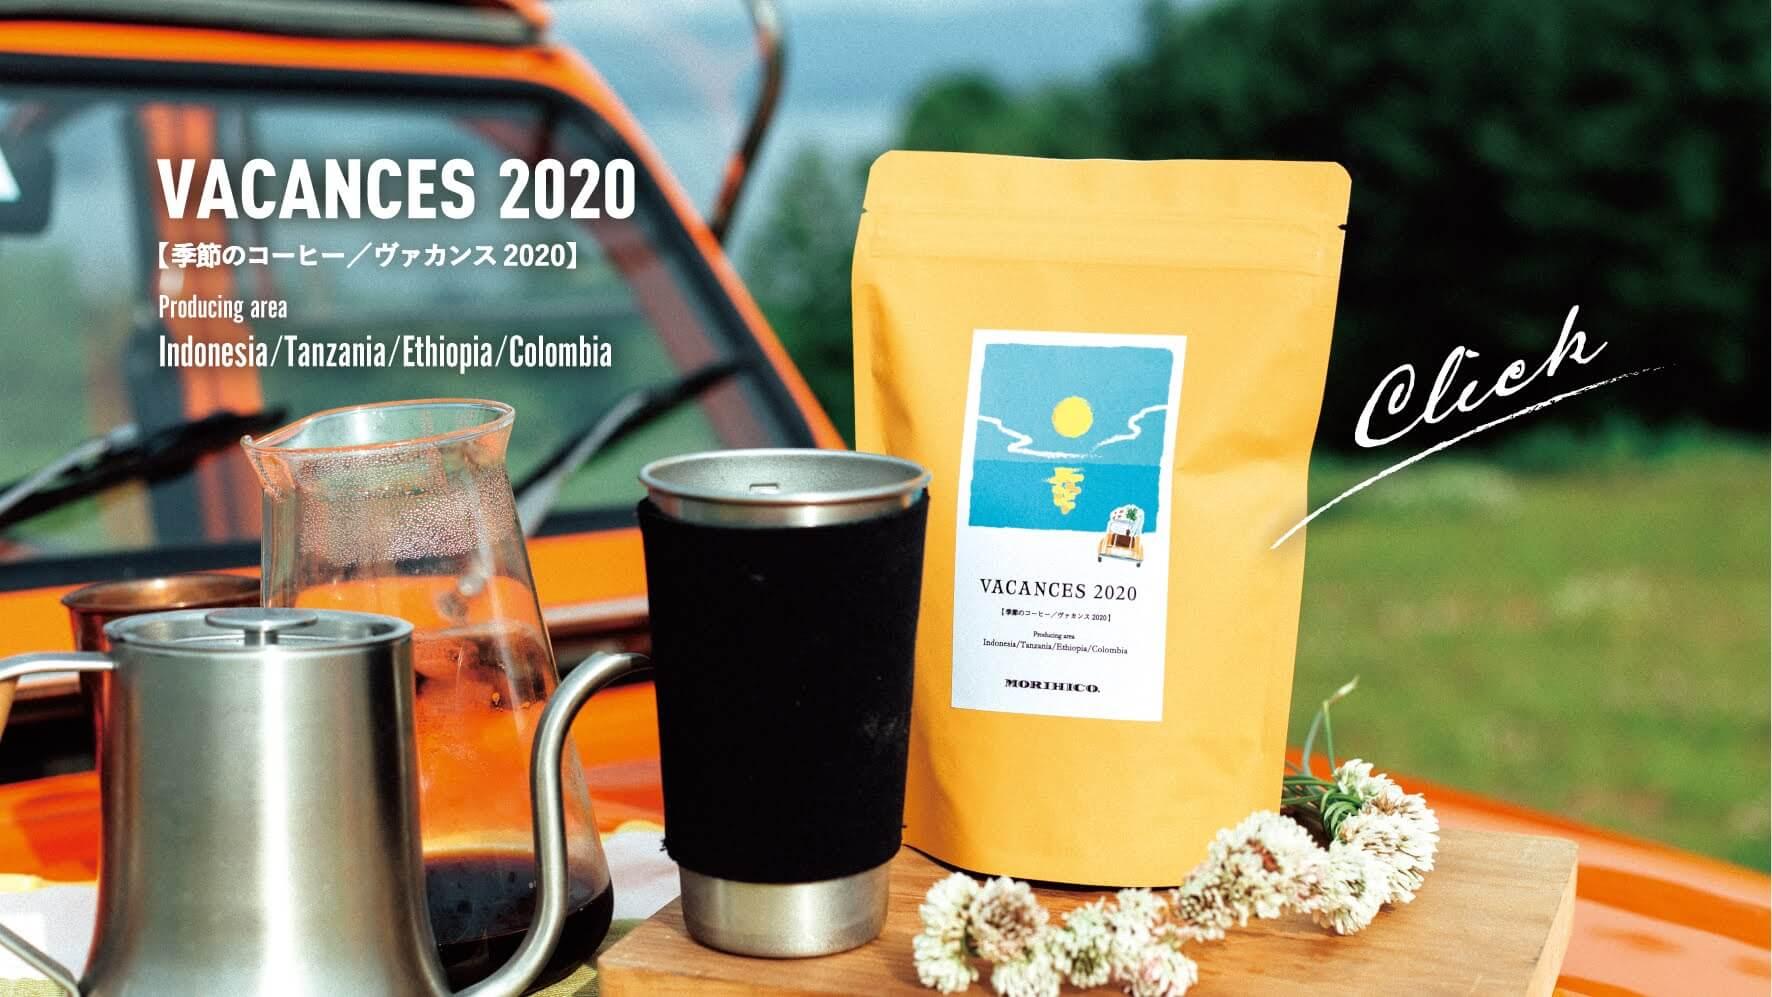 季節のコーヒー【ヴァカンス2020】新発売